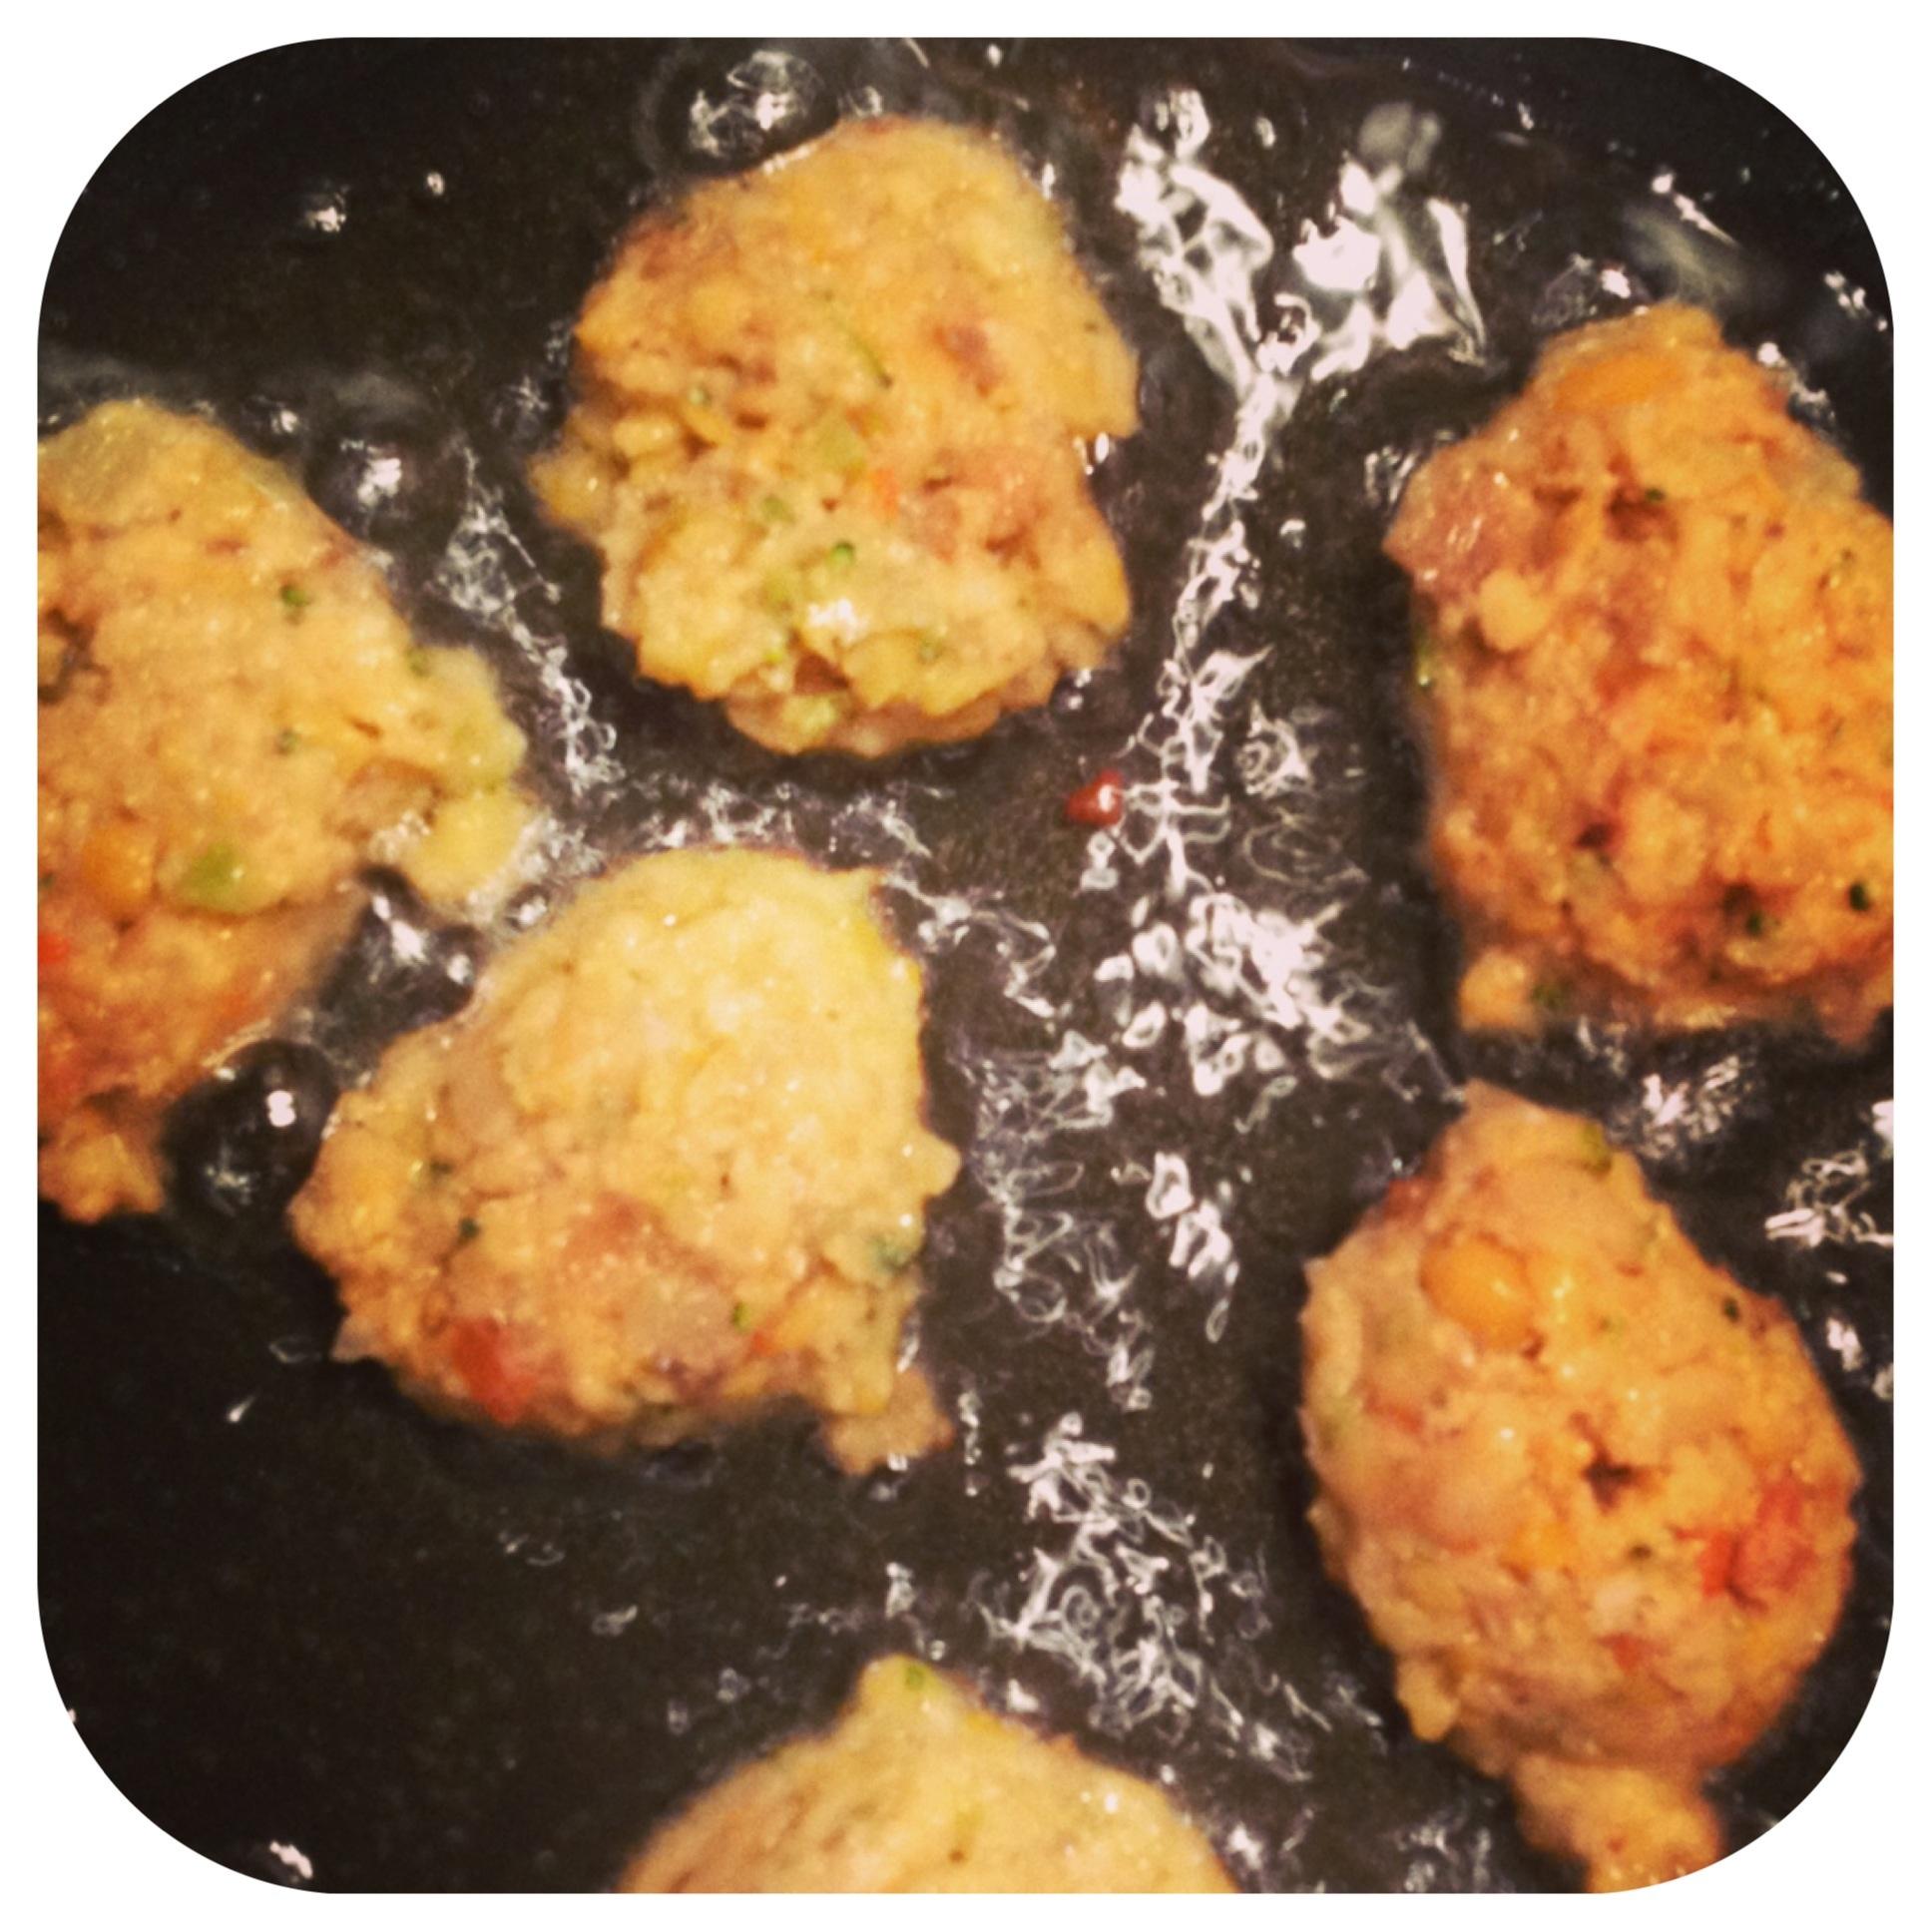 Patties in the pan